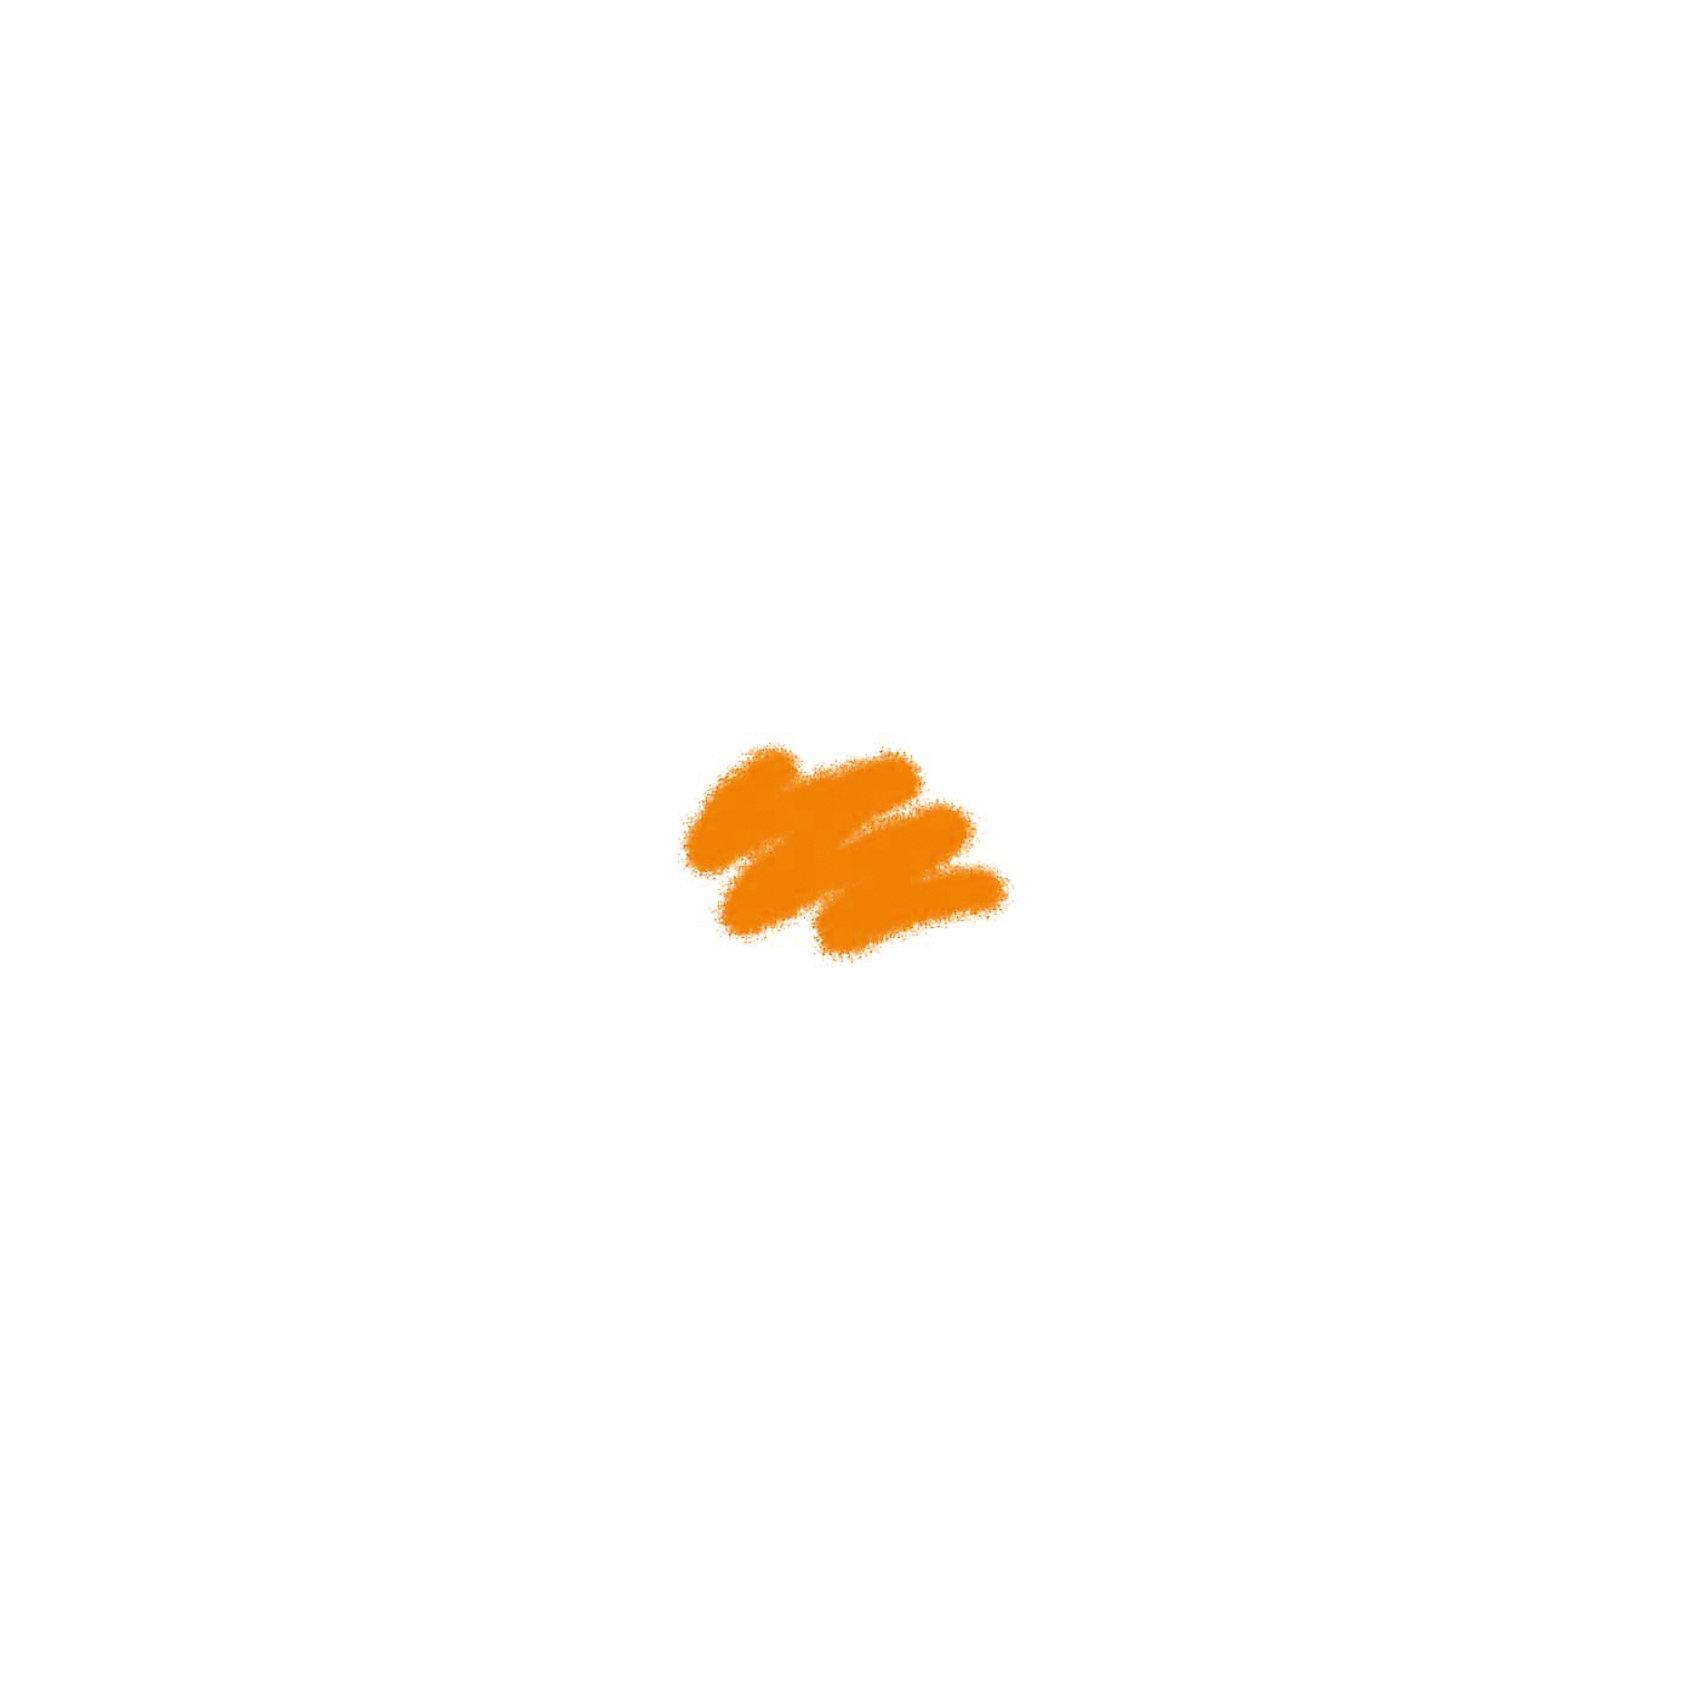 Акриловая краска для моделей Звезда, оранжевая 12 млМодели для склеивания<br>Краска оранжевая (шт)<br><br>Ширина мм: 18<br>Глубина мм: 18<br>Высота мм: 58<br>Вес г: 19<br>Возраст от месяцев: 72<br>Возраст до месяцев: 180<br>Пол: Мужской<br>Возраст: Детский<br>SKU: 7086633